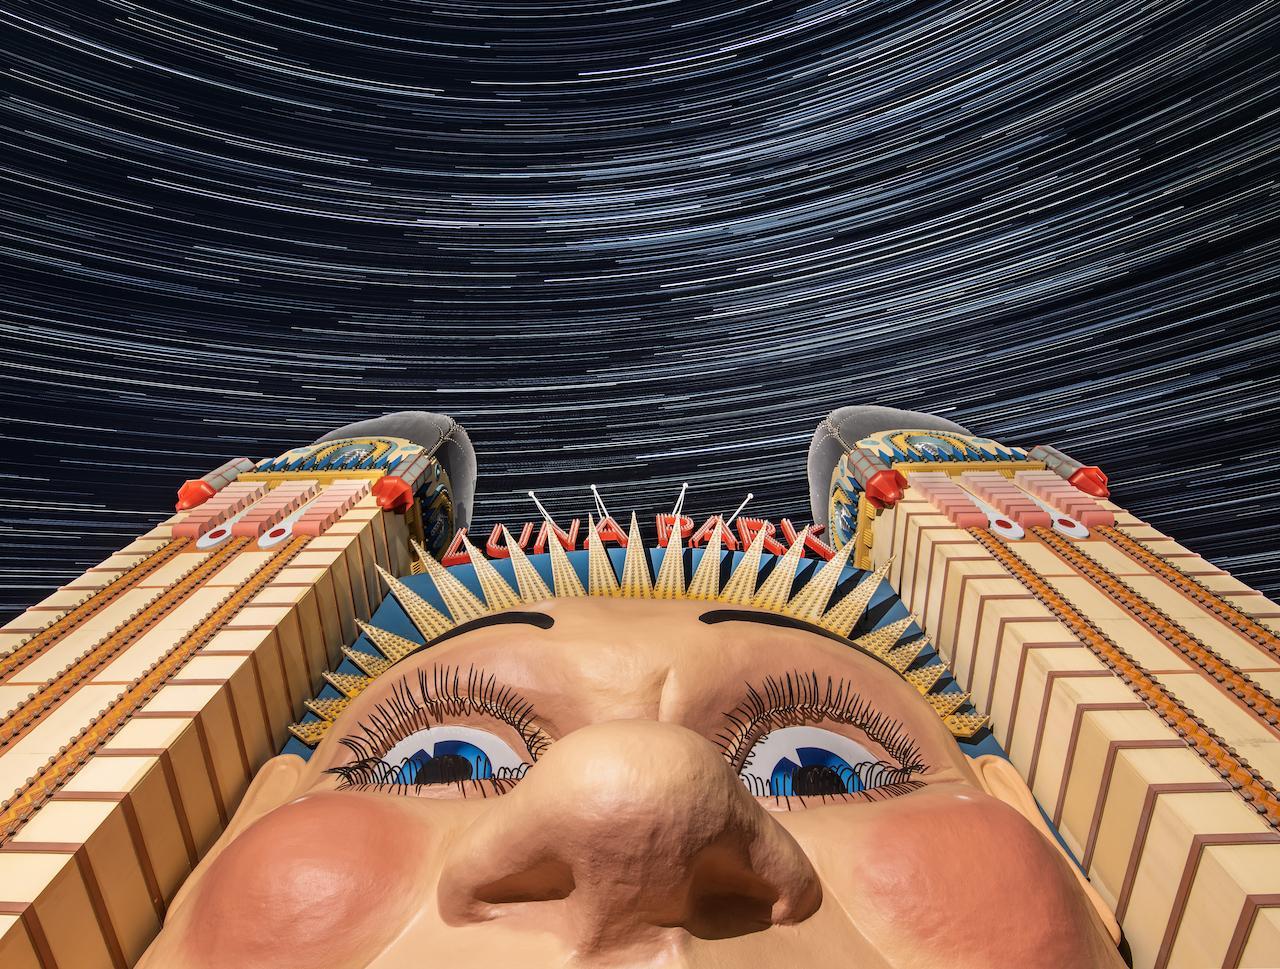 An image showing 'Luna Park'